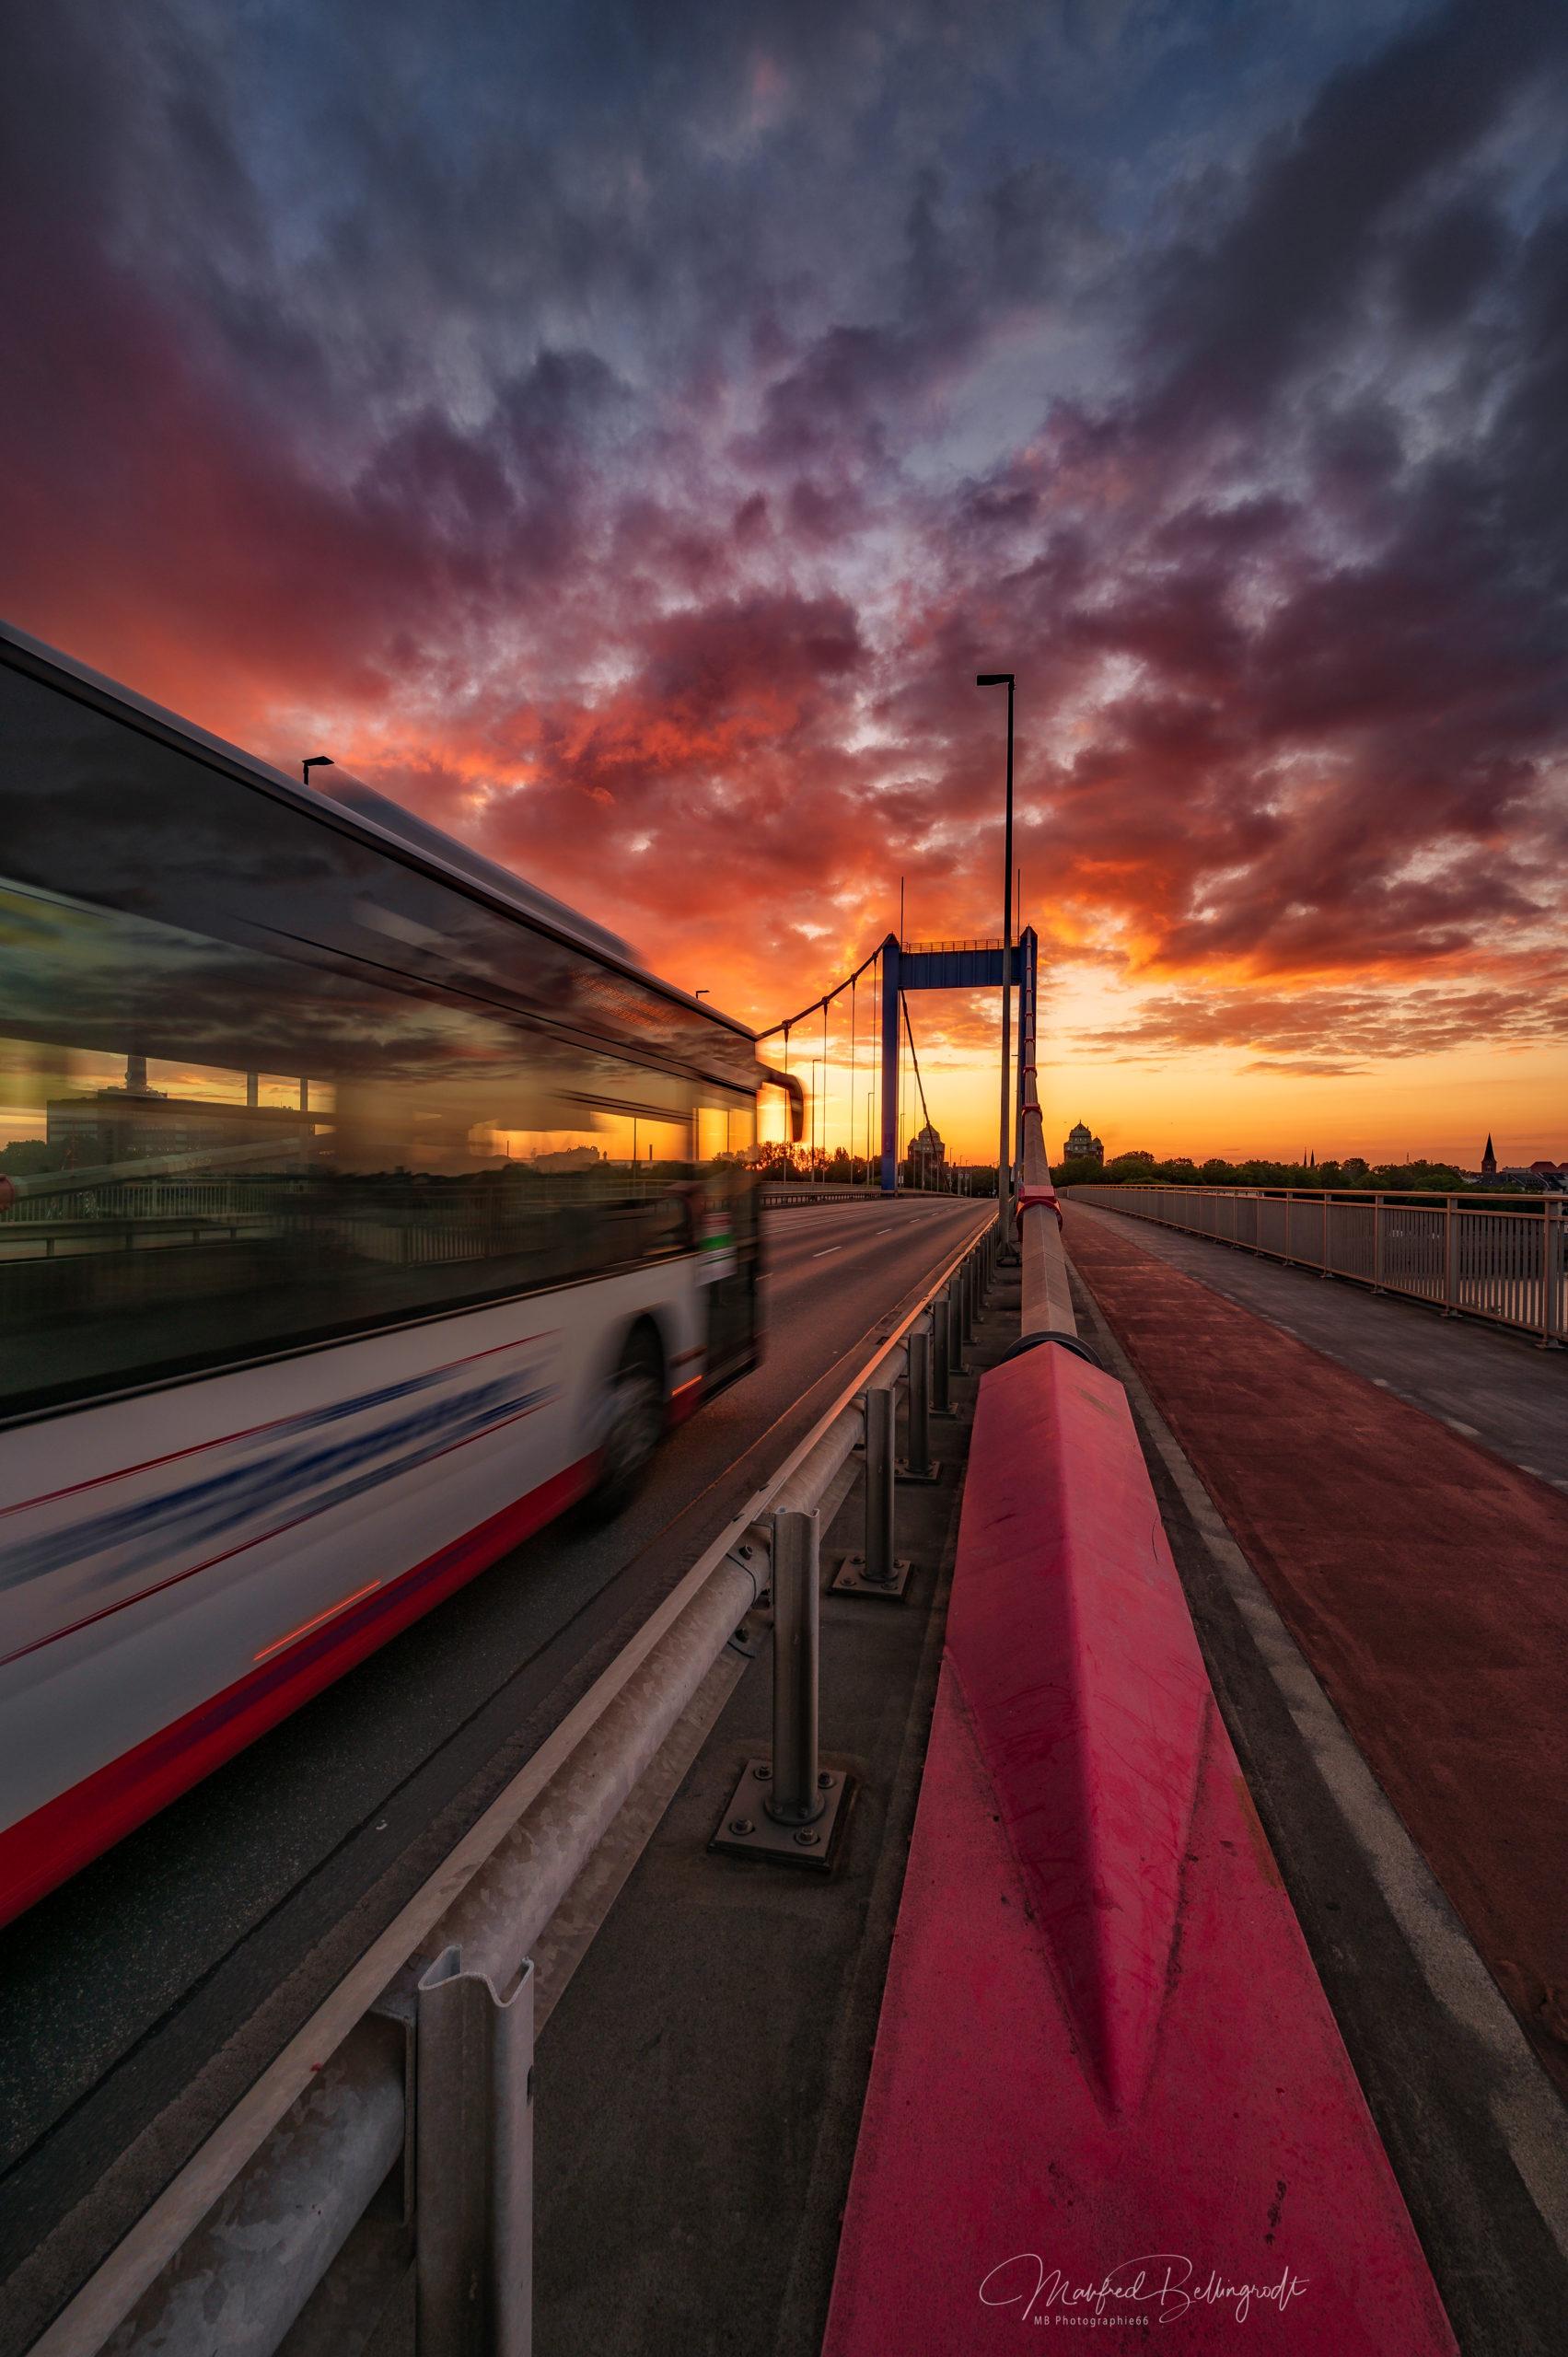 Busblitz, Ruhrorter Brücke im Sonnenaufgang